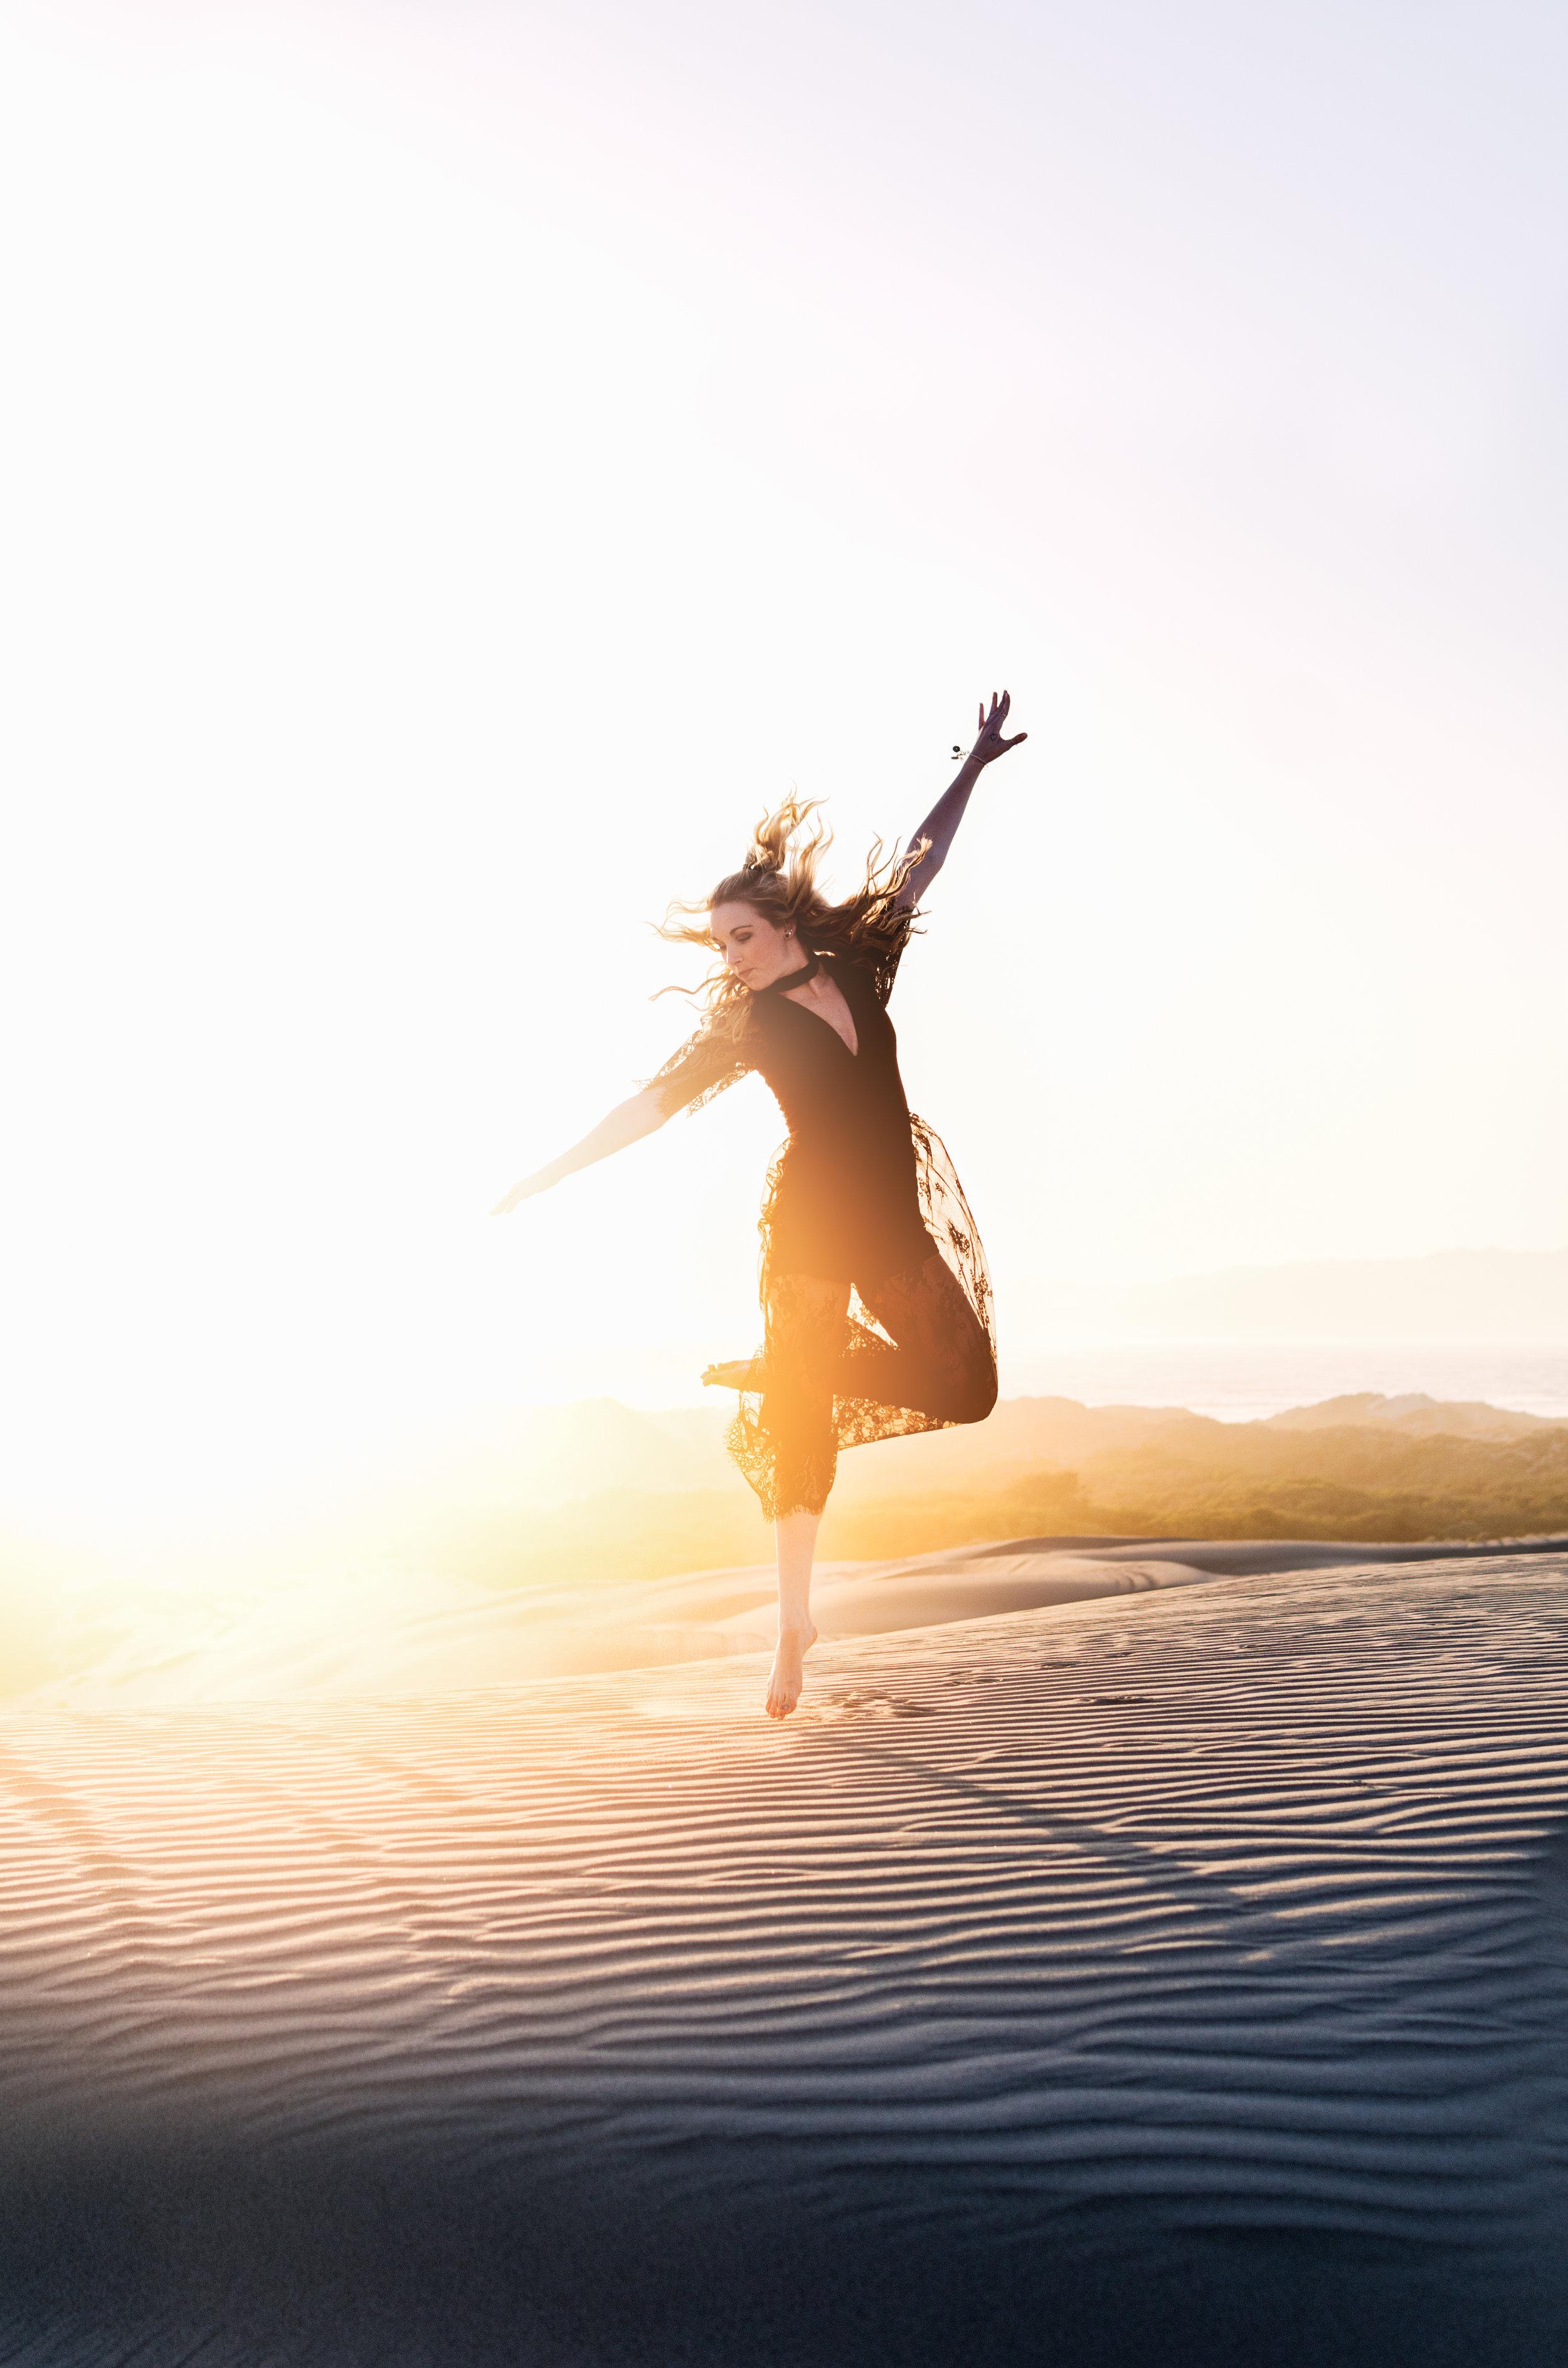 """Yoga Trance Dance™ - Trance Dance ist eine der ältesten Formen kollektiver Meditation, Bewegung und Ekstase, die in verschiedenen Nuancen in vielen Kulturen zu Hause ist.Die Trance Dance Sessions werden von """"tribal Rythmen"""", zeitgenössicher Musik wie auch Weltmusik begleitet.Mögliche Wirkungen einer Yoga Trance Dance Stunde sind u. a.* besseres Embodimentin unserem Körper zu Hause sein, uns besser spüren* Energie tanken* schlafende Energien wecken & aktivieren* Herz- und Gehirnwellen synchronisieren* meditative Bewusstseinszustände* innere Kraft & Klarheit* pure Freude* Verbindung mit anderen """"movers & shakers"""" * ein Gefühl der Verbundenheit und Einheit* Entspannung & Loslassen* vom Kopf in den Körper* direkte Verbindung zu unserer Lebenskraft* verkörperte Freiheit"""